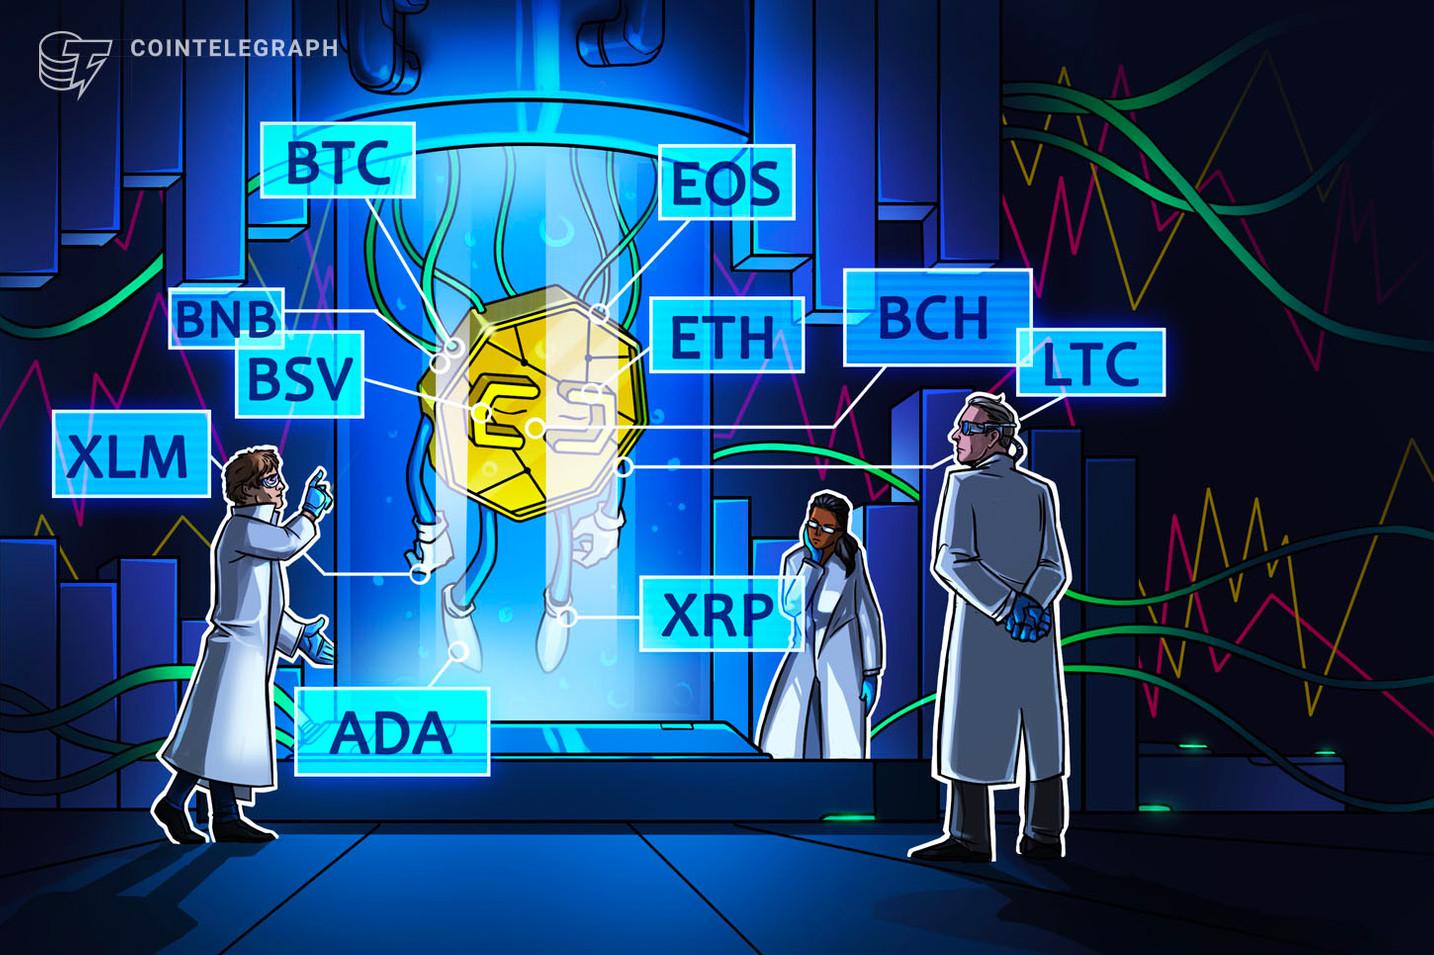 高値で新たな需要 仮想通貨ビットコイン・イーサリアム・リップル(XRP)のテクニカル分析